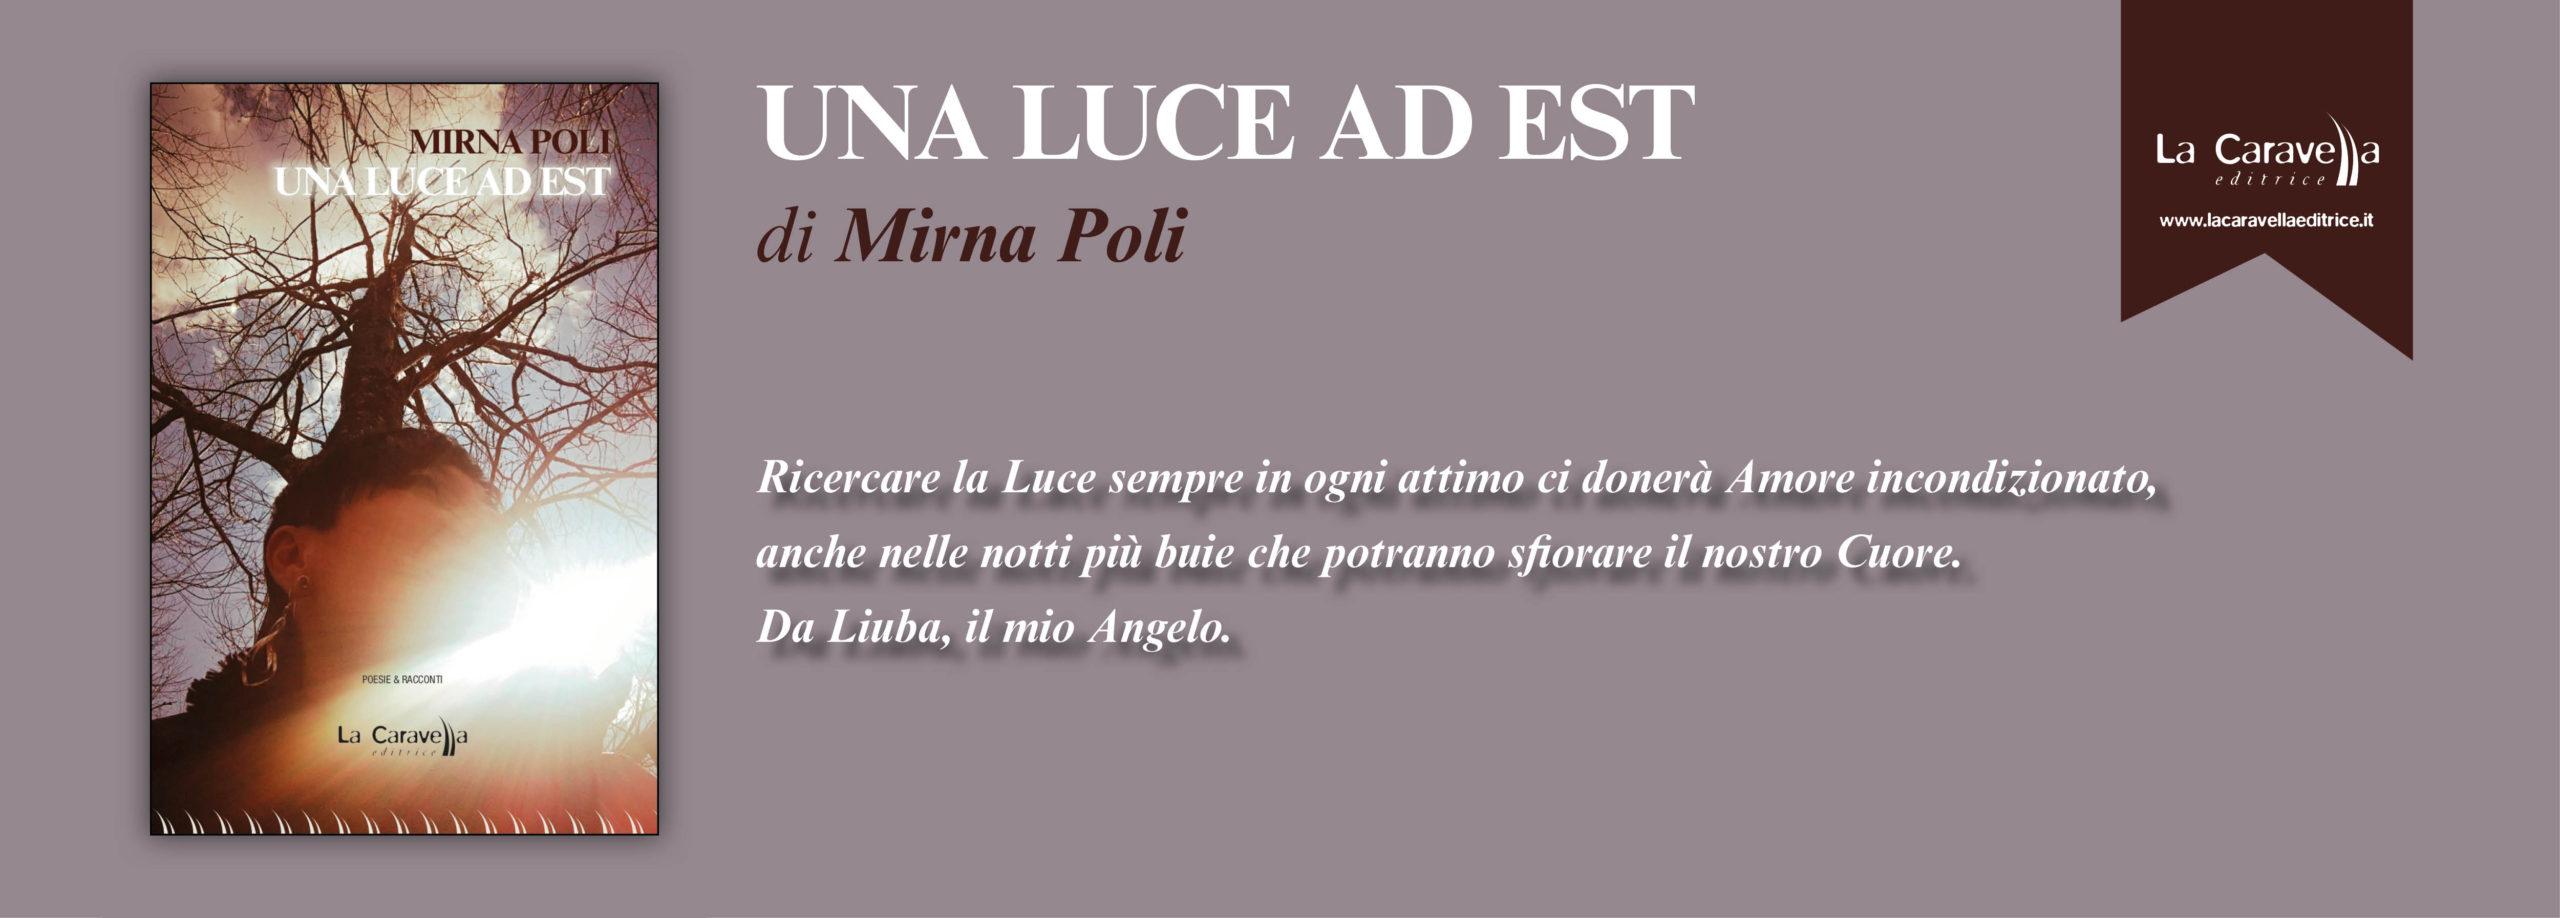 NUOVE USCITE: UNA LUCE AD EST di Mirna Poli